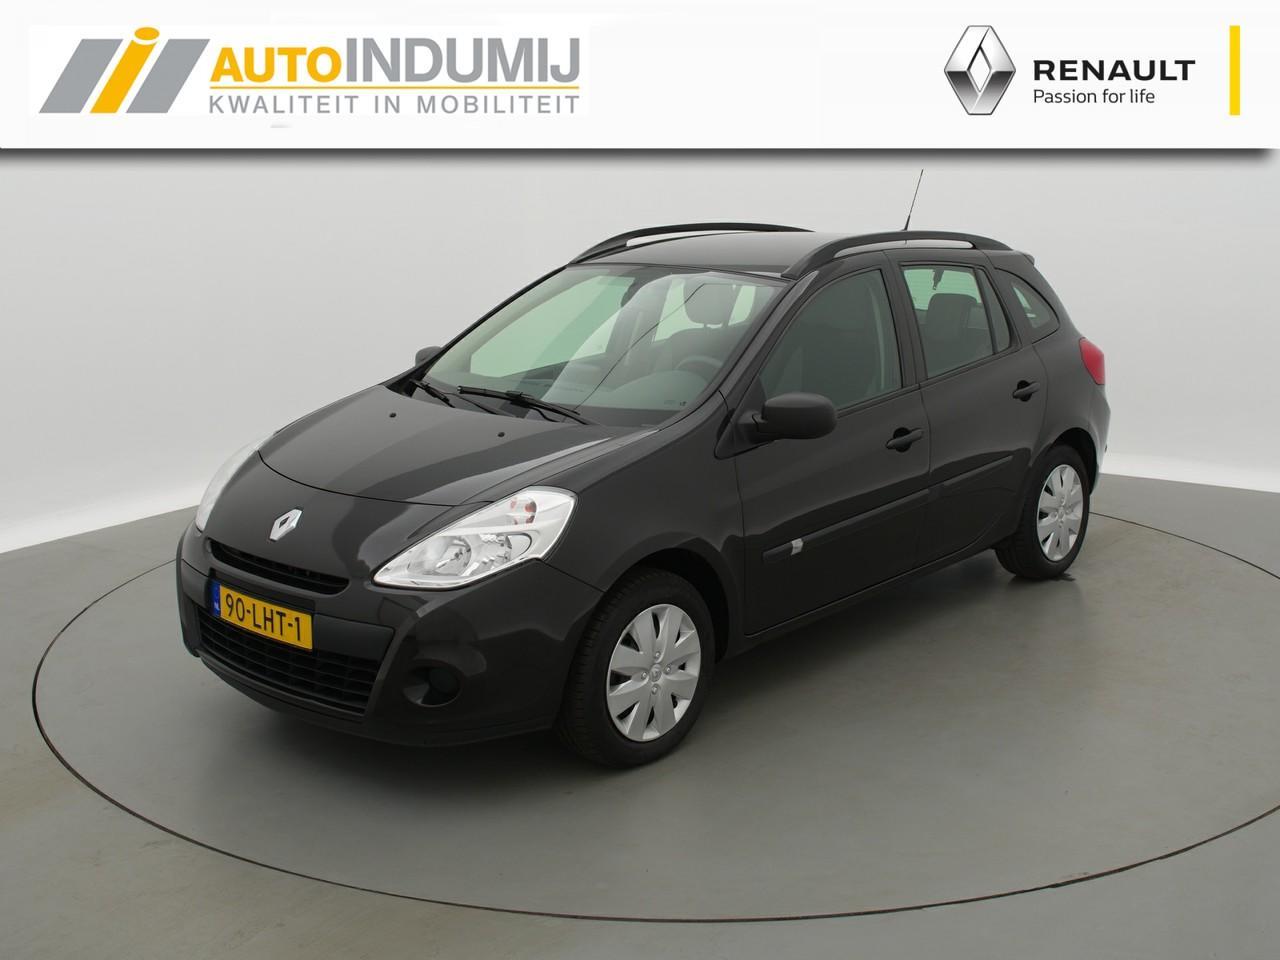 Renault Clio Estate tce 100 special line / airco / navigatie / trekhaak!